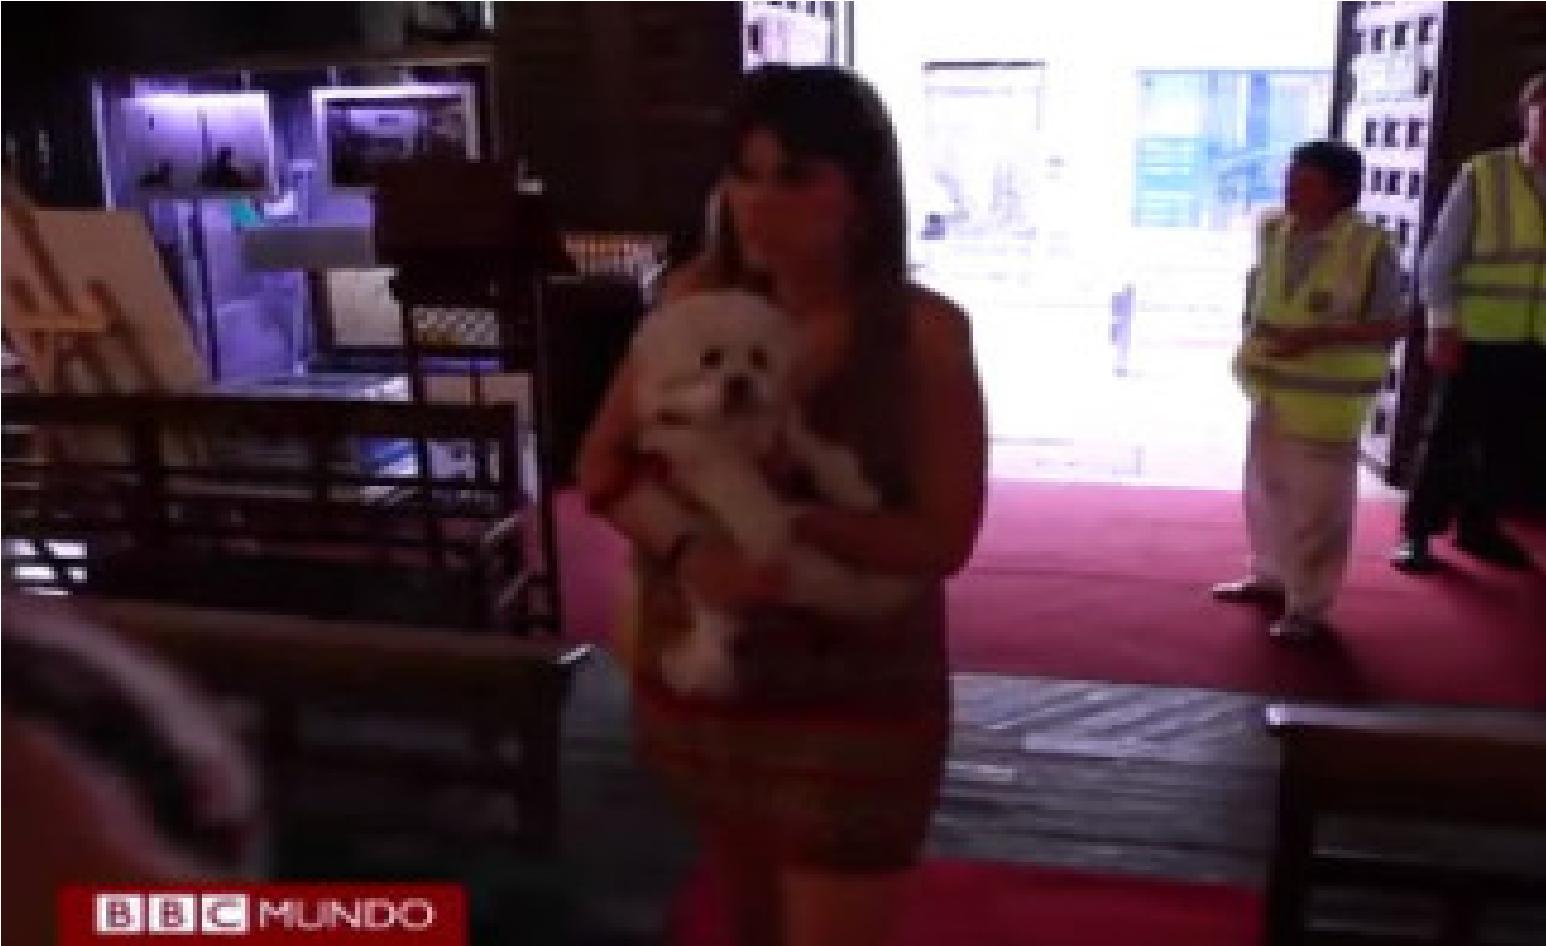 Una Iglesia Don Es Permitido Llevar Mascotas Dan Refrescos Y Tiene Wifi Gratis